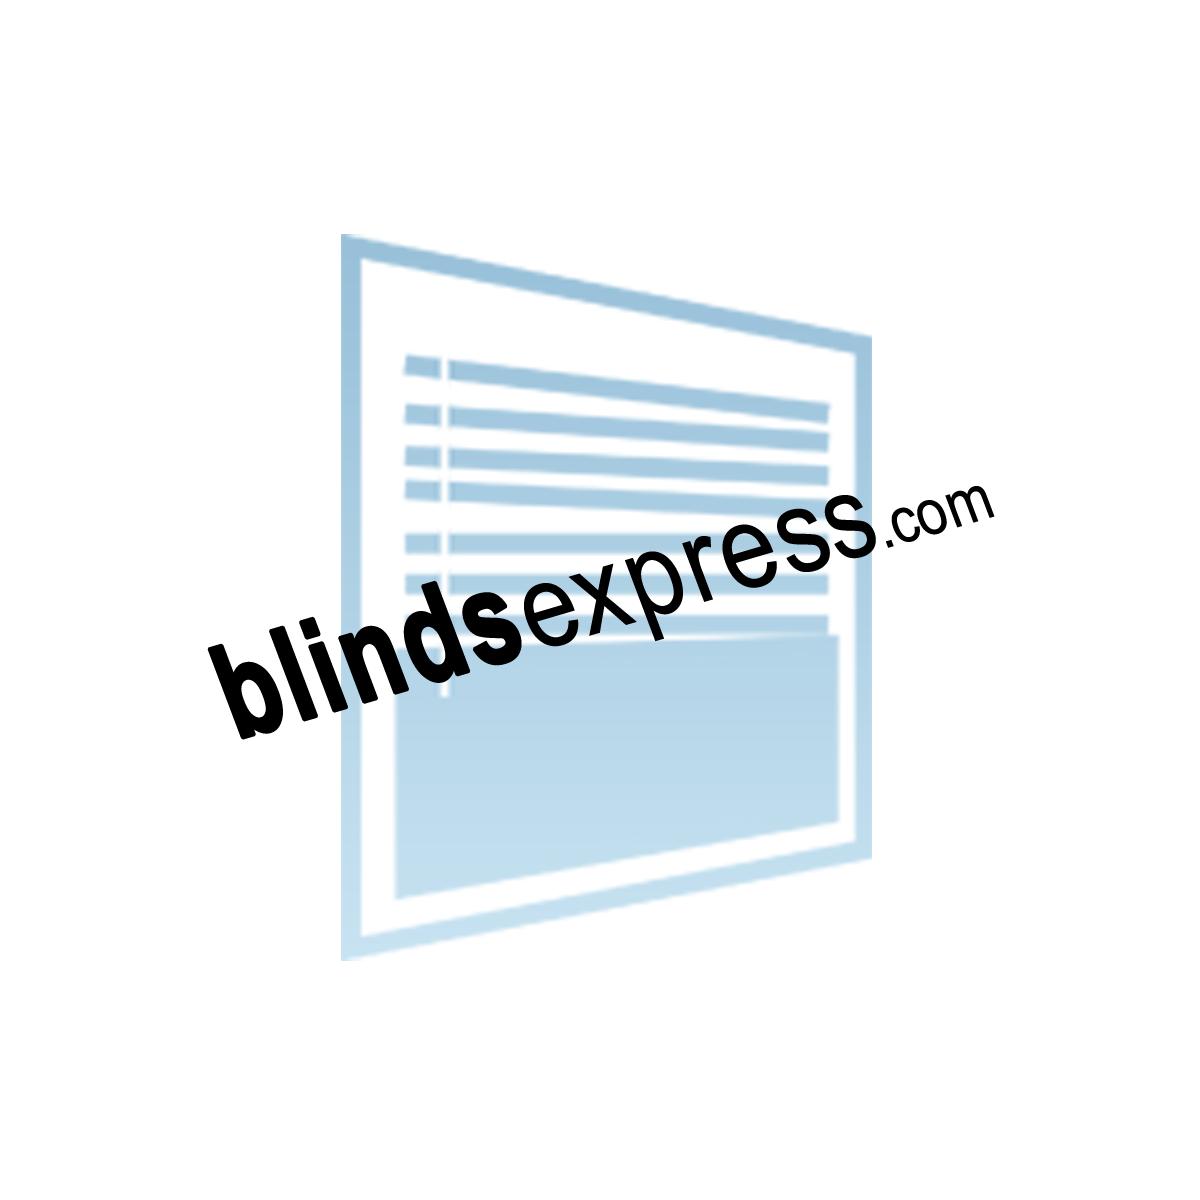 Blinds Express